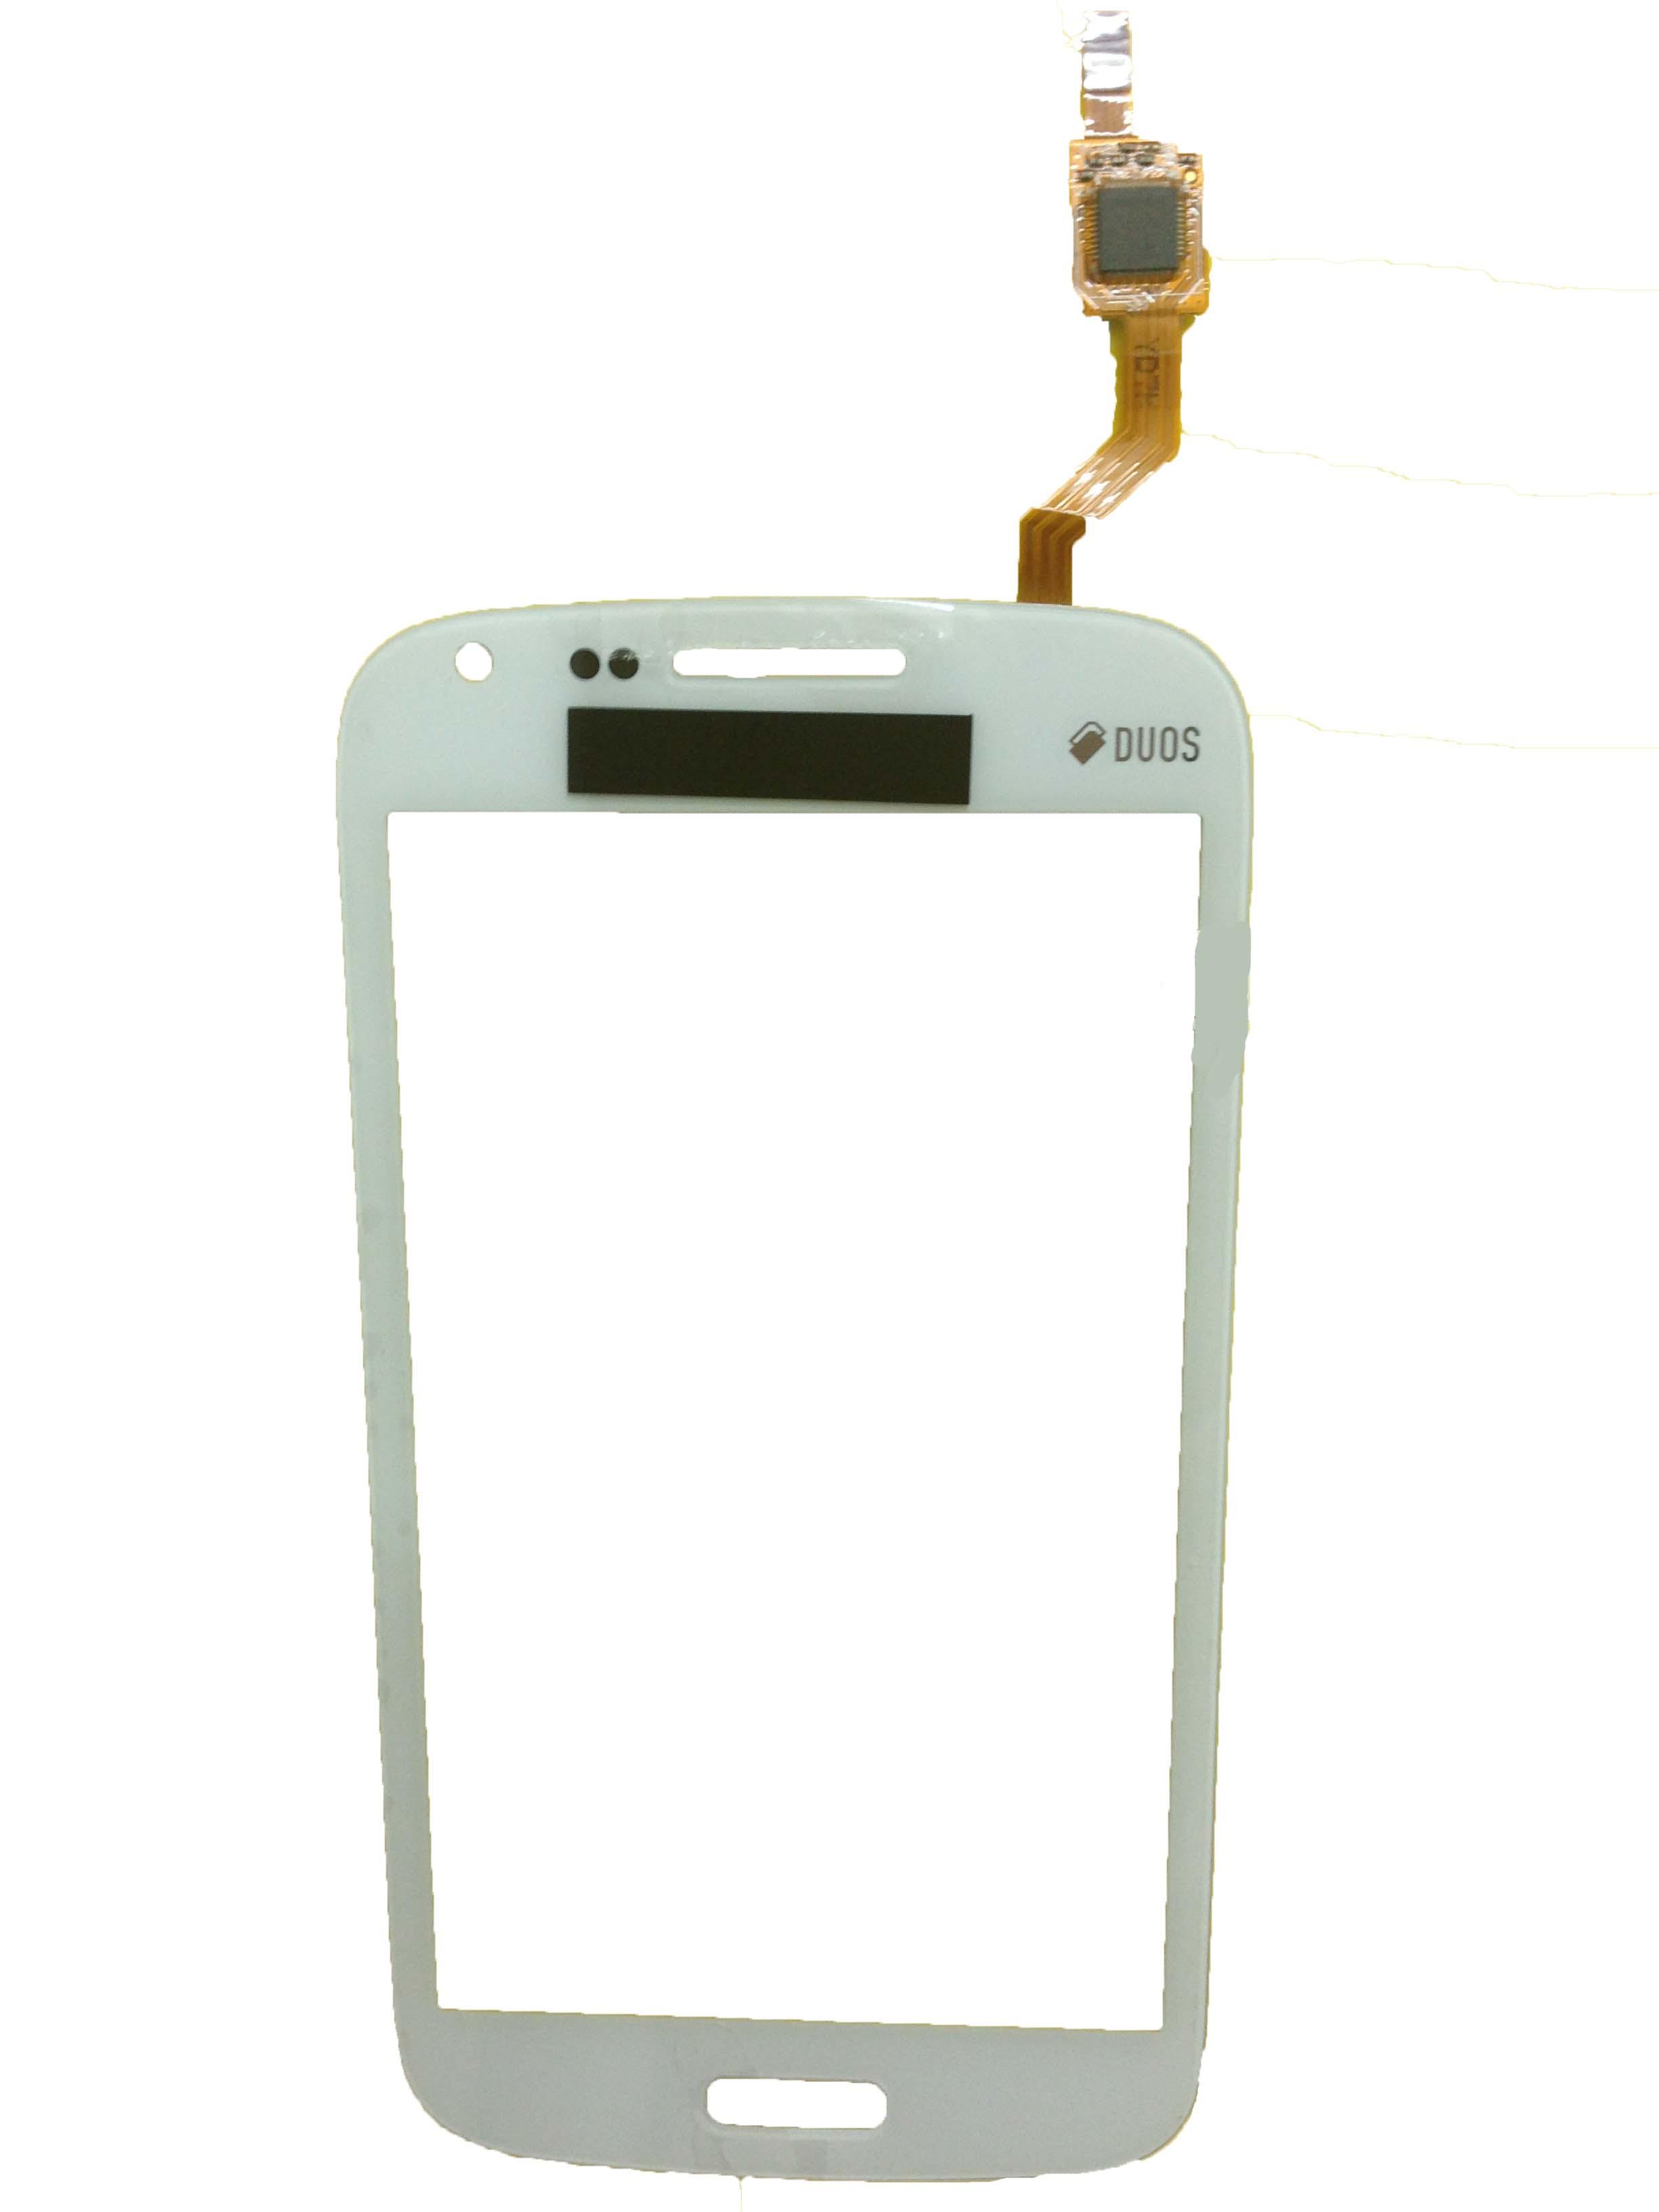 เปลี่ยนทัสกรีน Samsung Core1 i8262B กระจกหน้าจอแตก ทัสกรีนกดไม่ได้